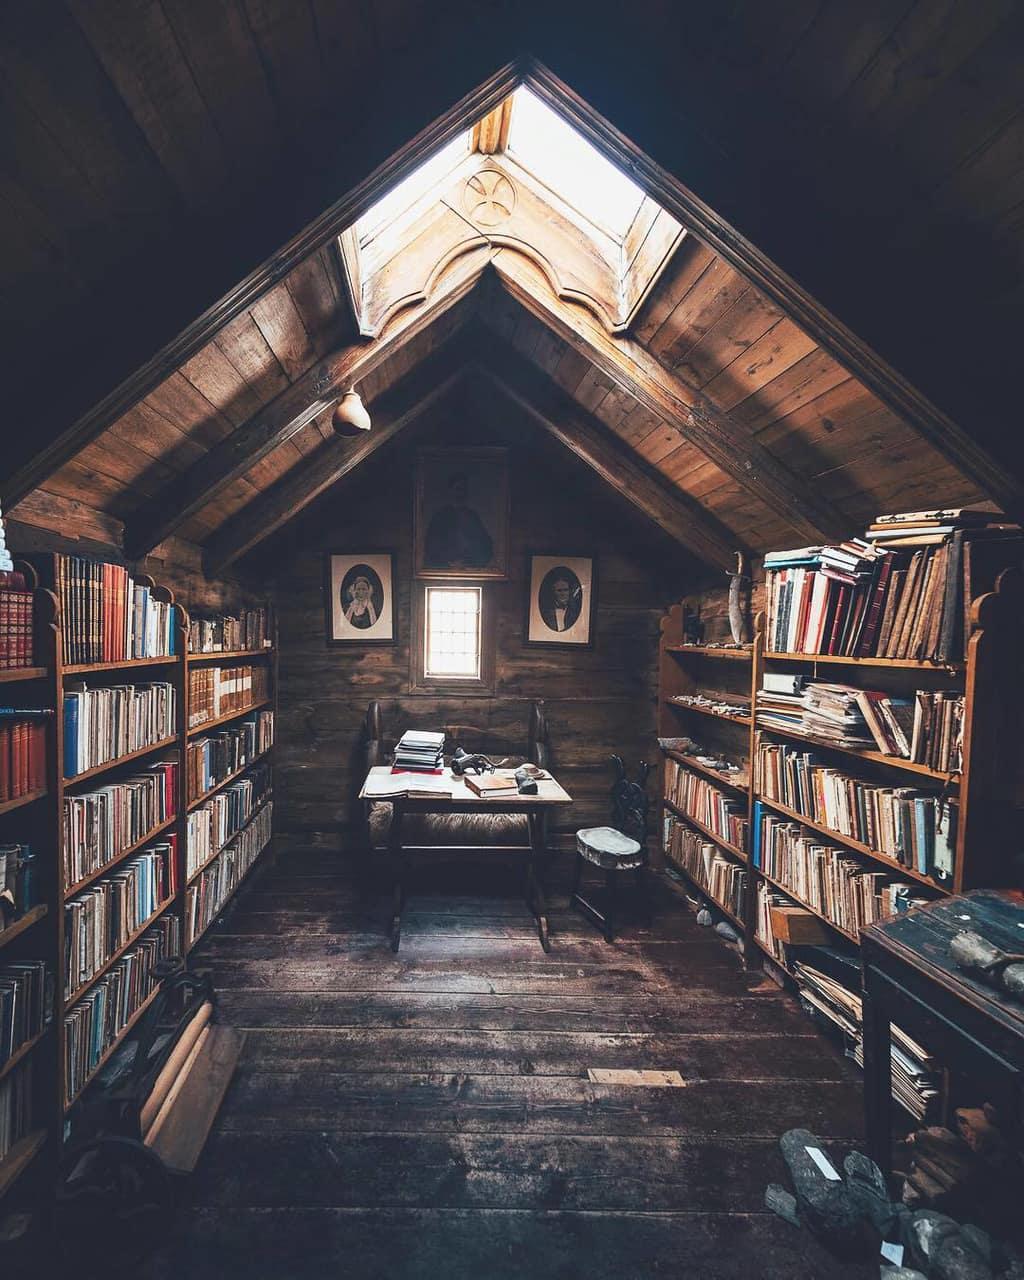 появилось библиотека на чердаке в частном доме фото крупы применяют